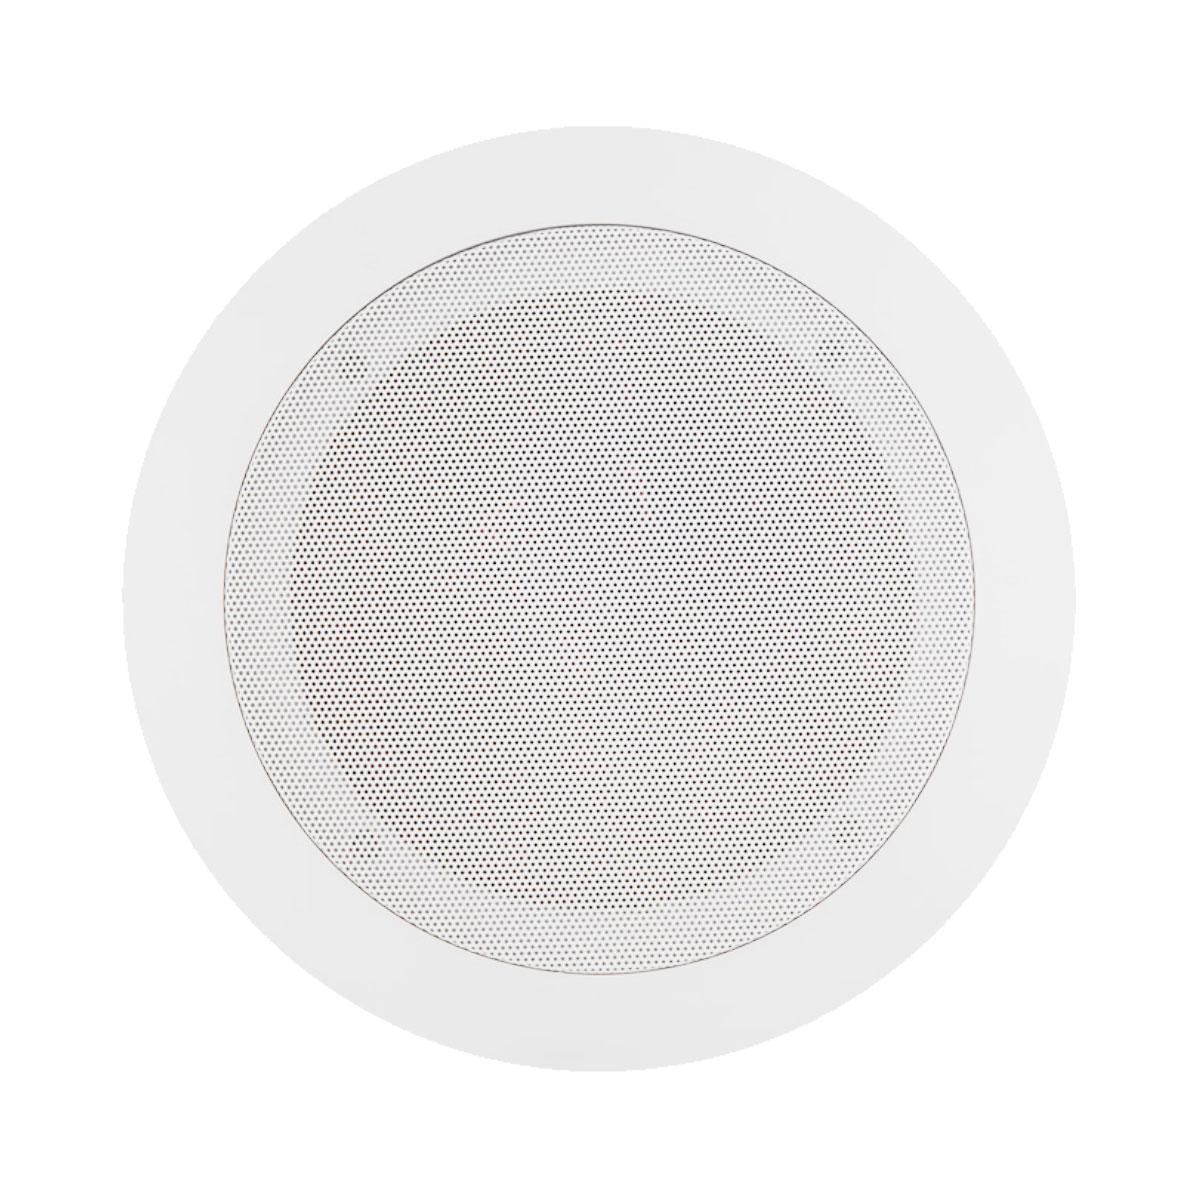 Arandela Coaxial Redonda 55W AR 6 PP HF - Natts